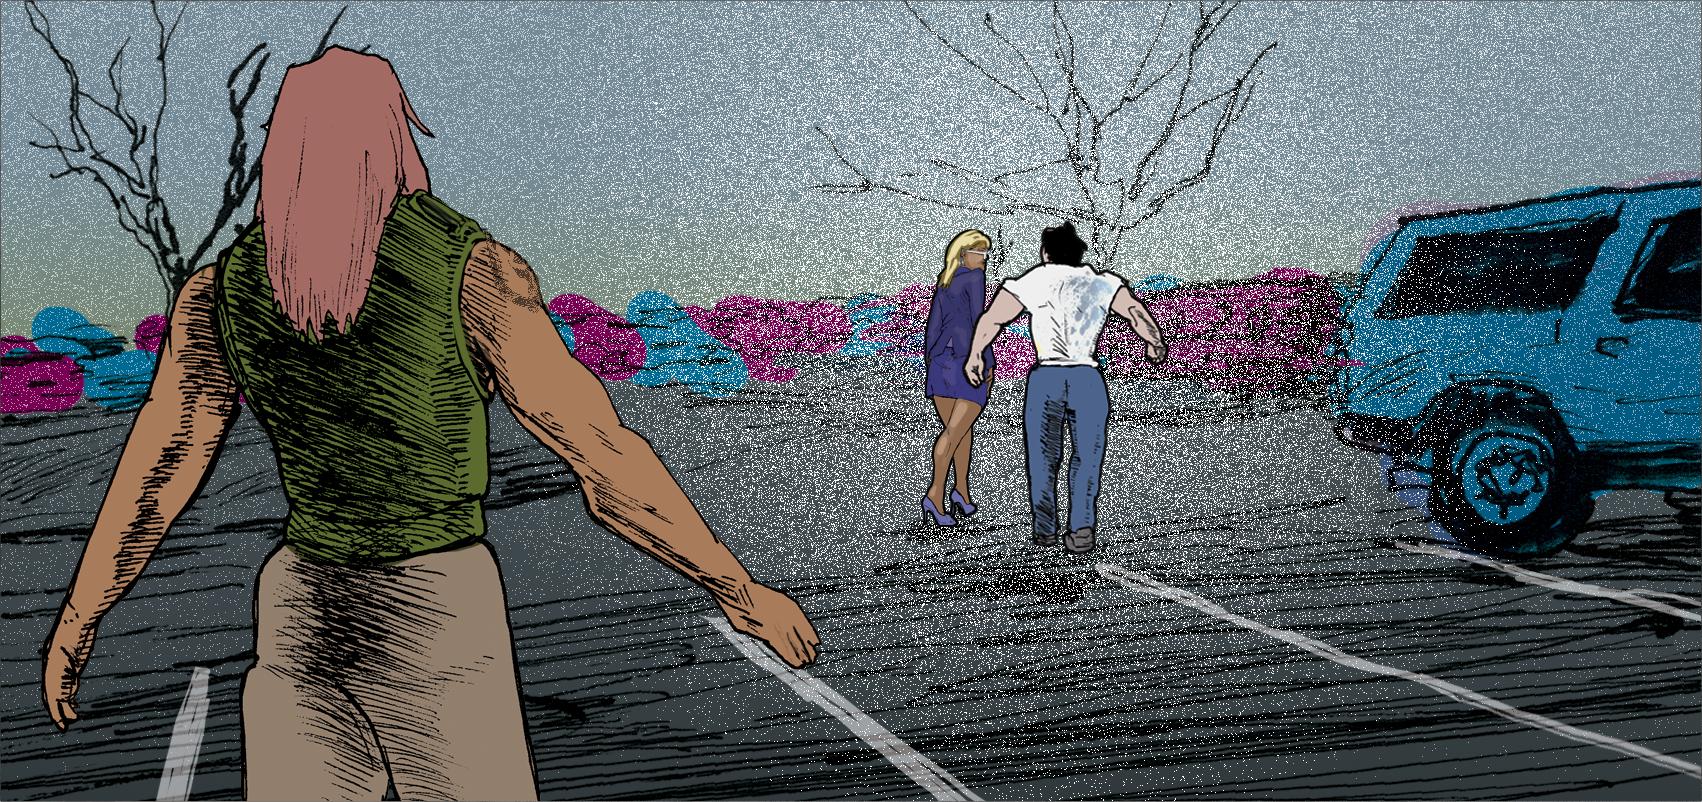 Monomania panel #116